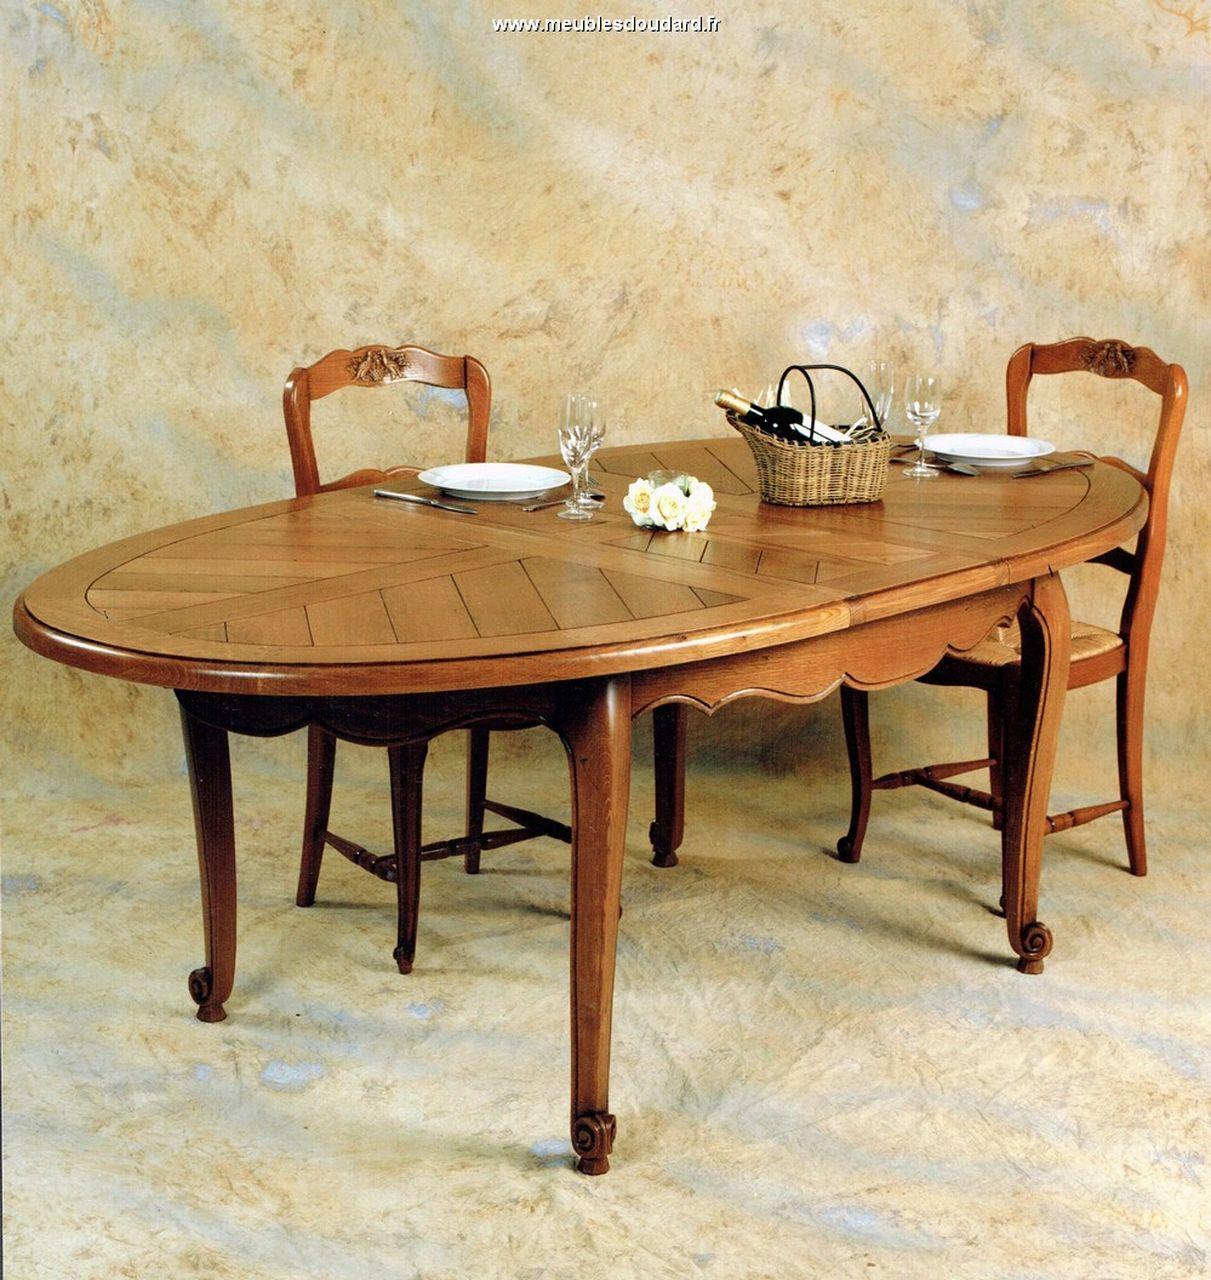 Table Ovale Table Ovale En Chene Table Ovale Louis Xv En Chene